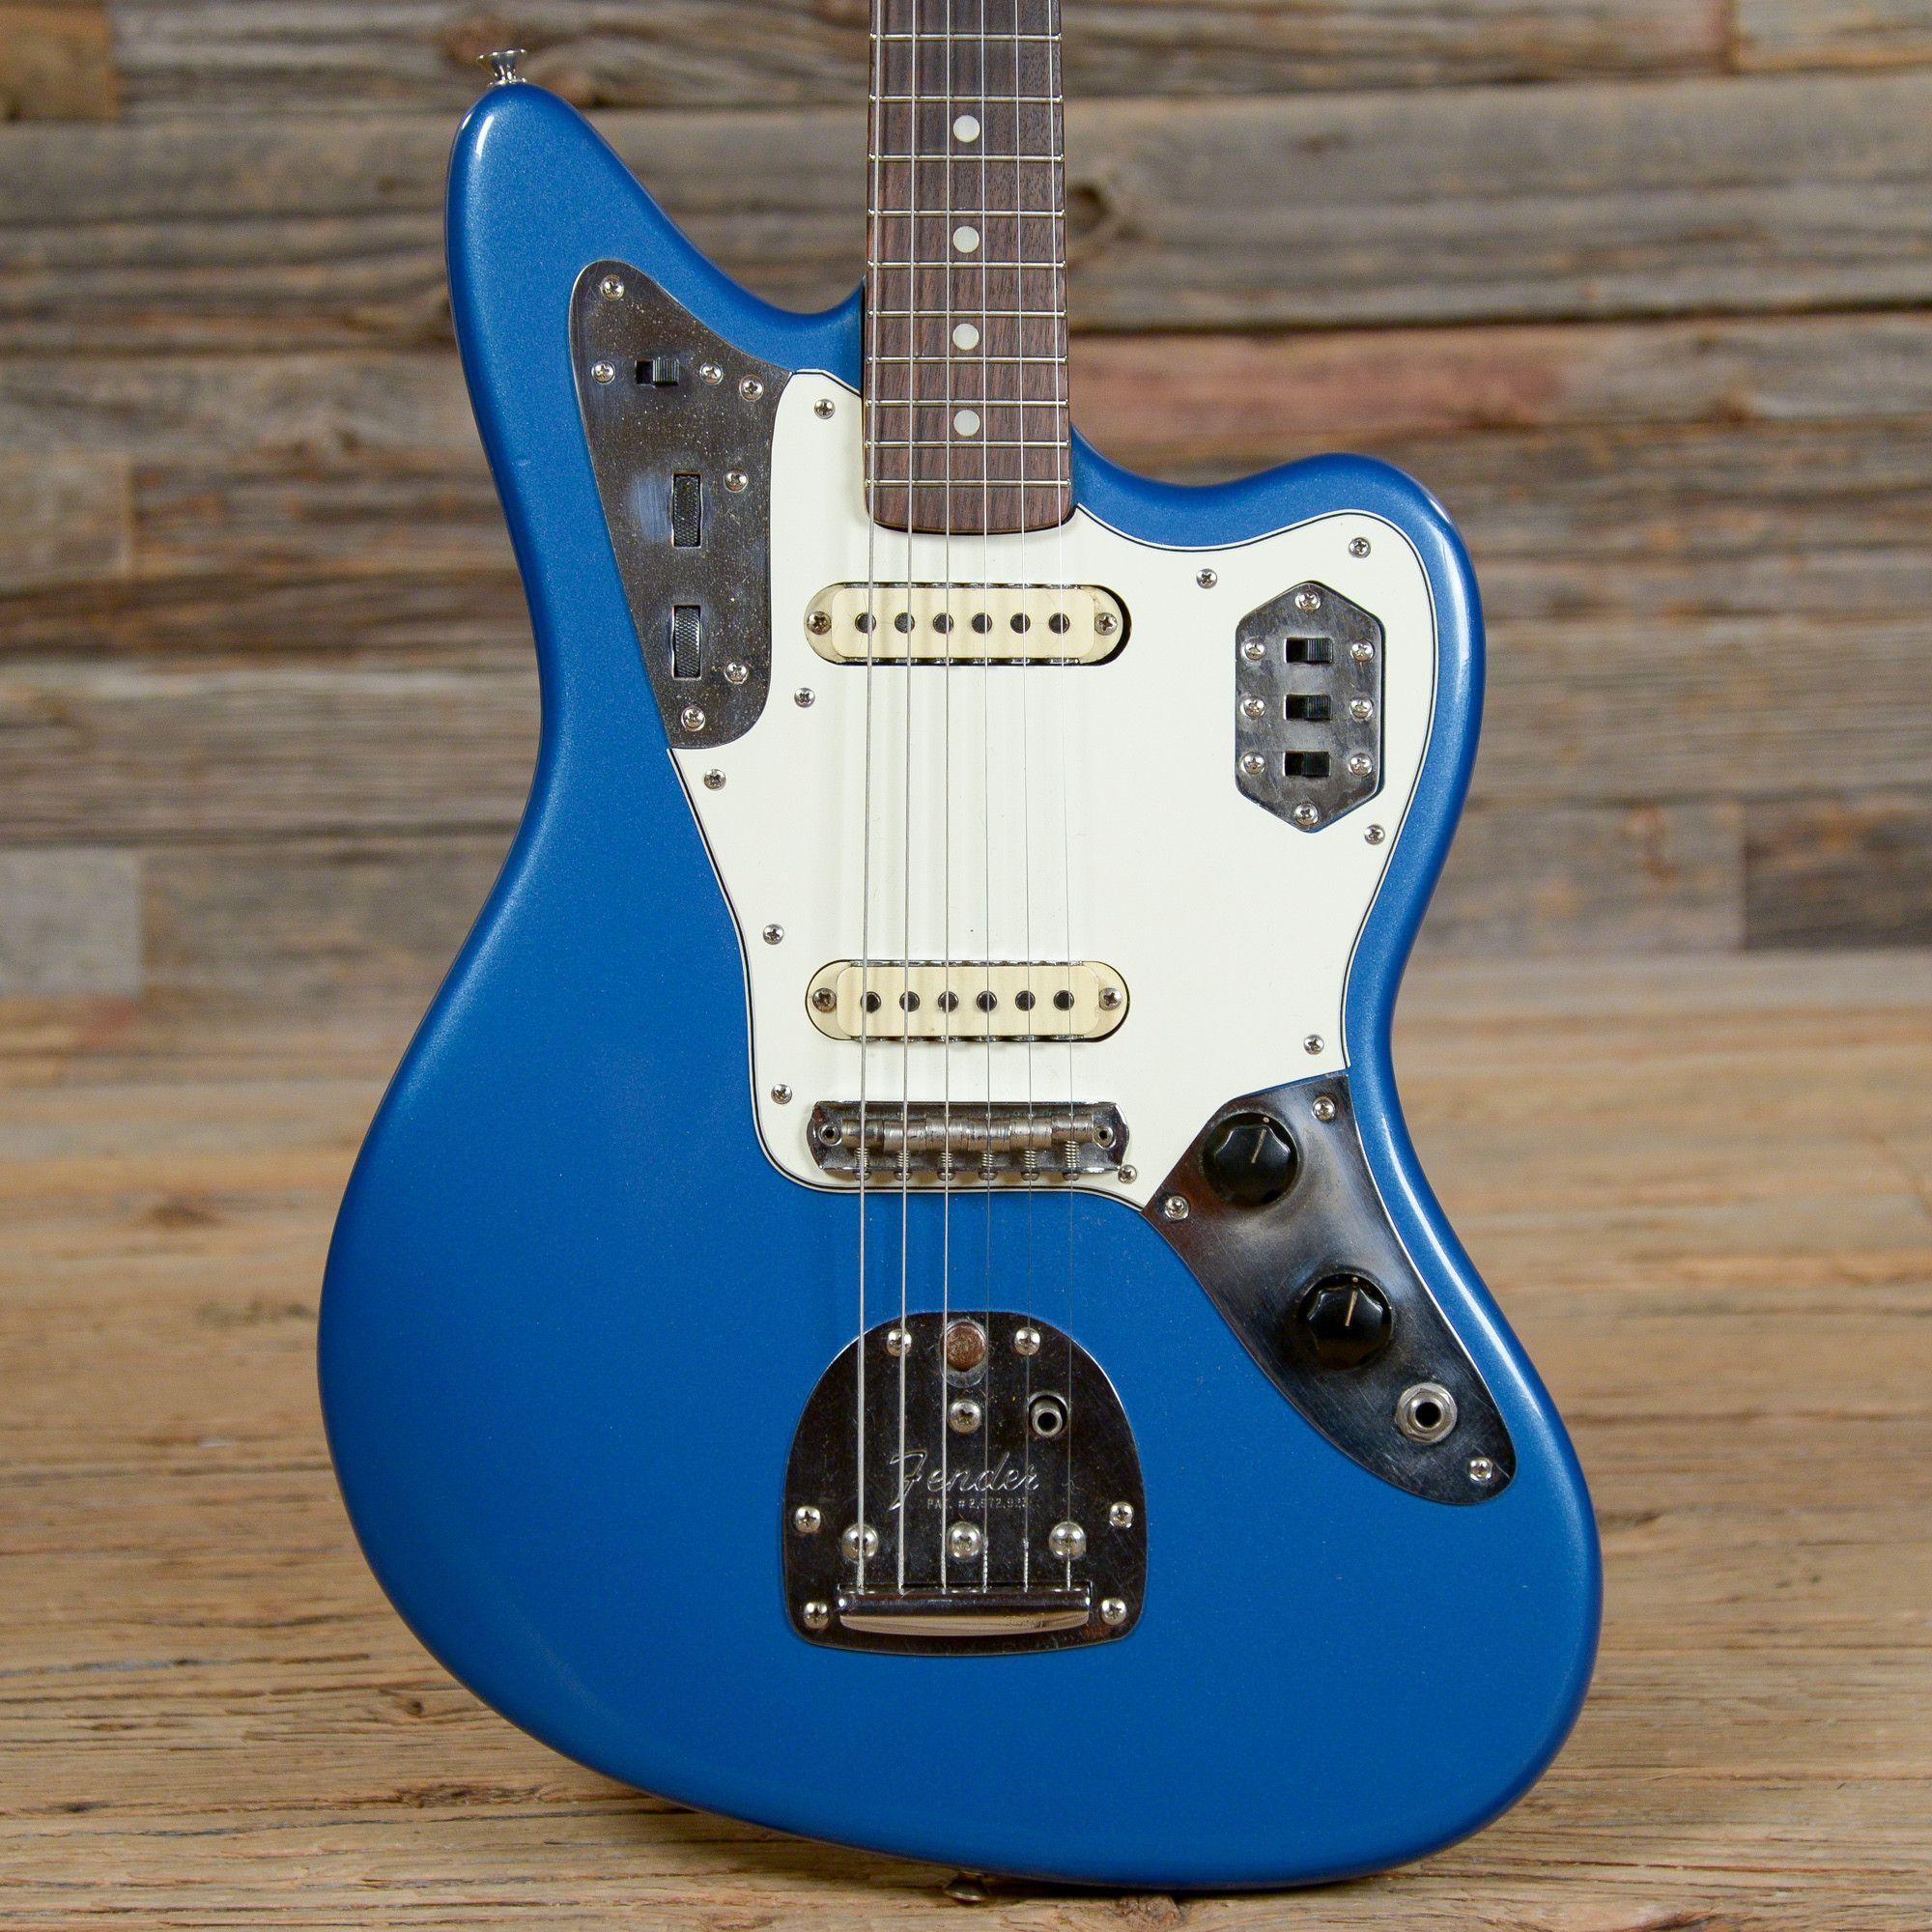 Fender jaguar lake placid blue refin 1965 s919 fender guitars fender jaguar lake placid blue refin 1965 s919 sciox Images